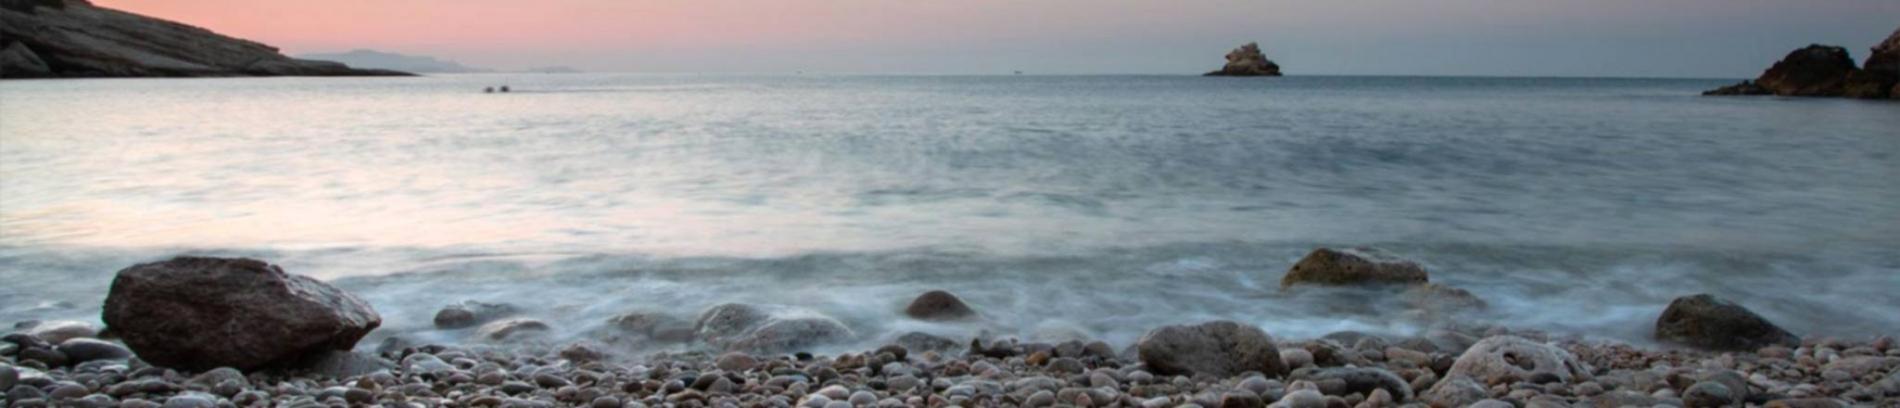 Slide plage de galets